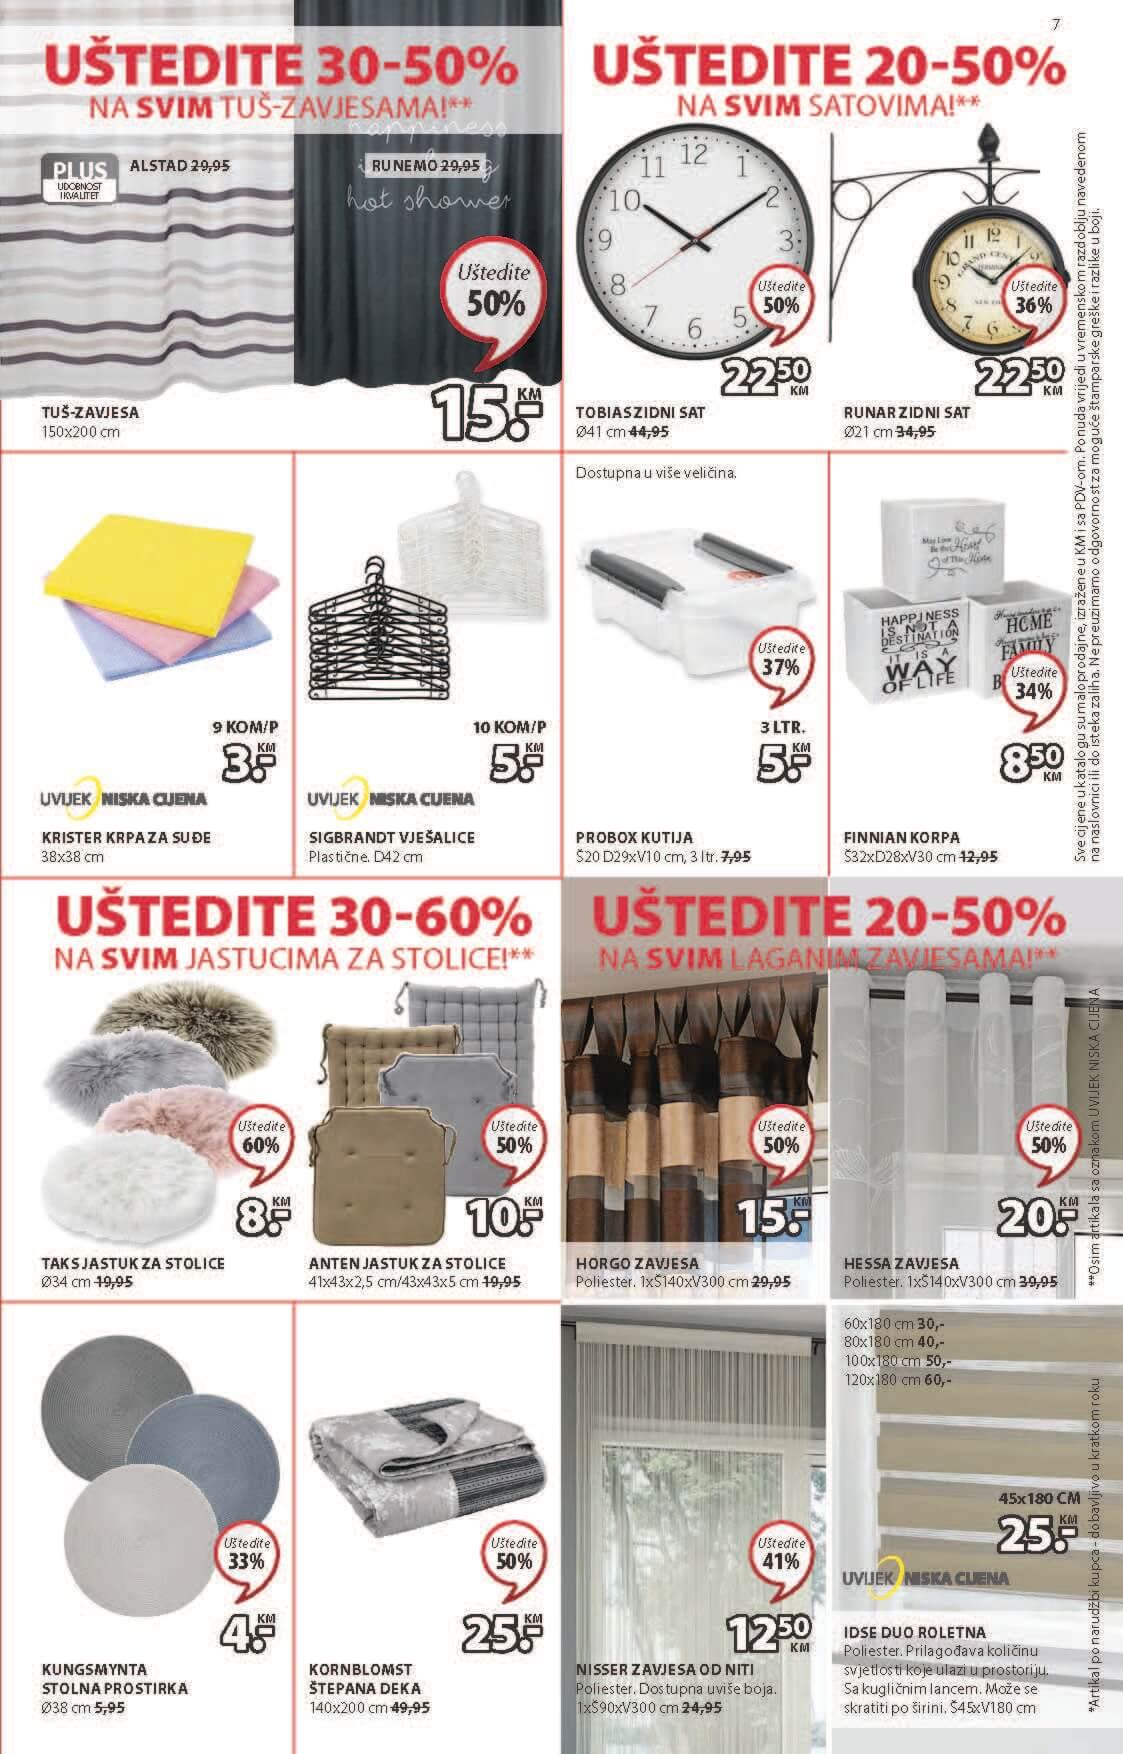 JYSK Katalog Akcijska rasprodaja JUL 2021 15.7.2021. 29.7.2021. Page 8